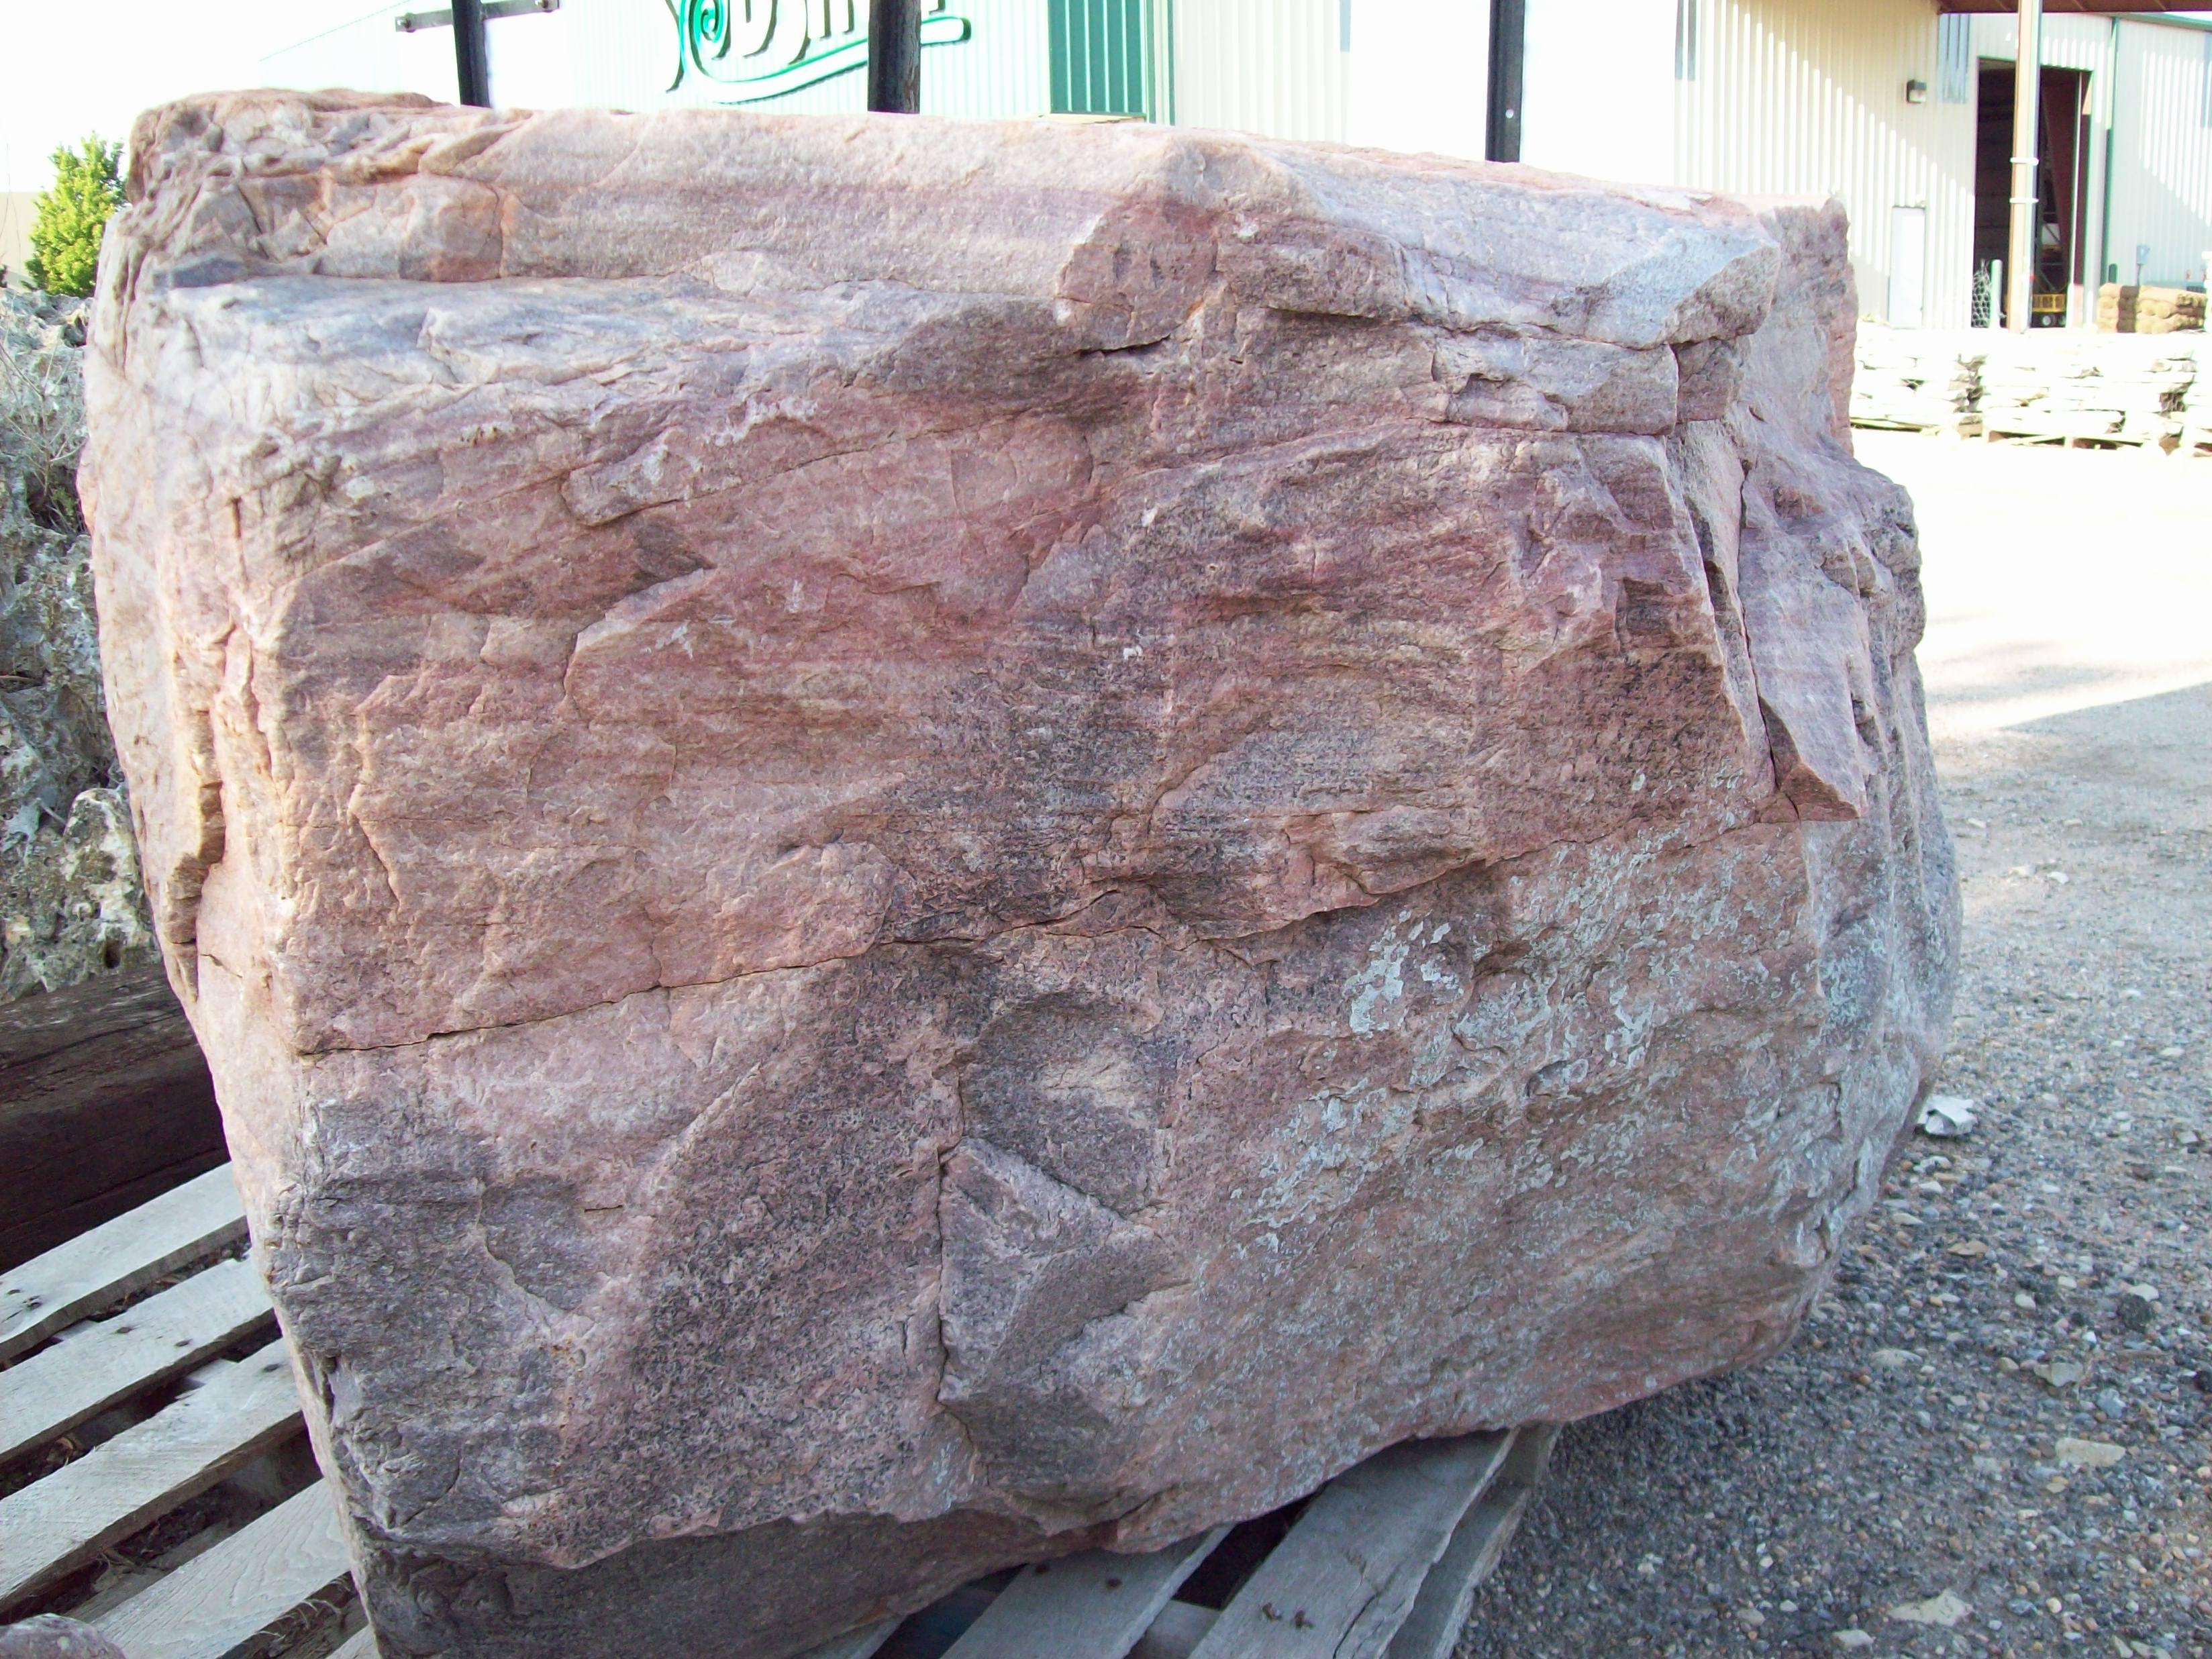 Natural Granite Rock : Rock natural stone sod shop